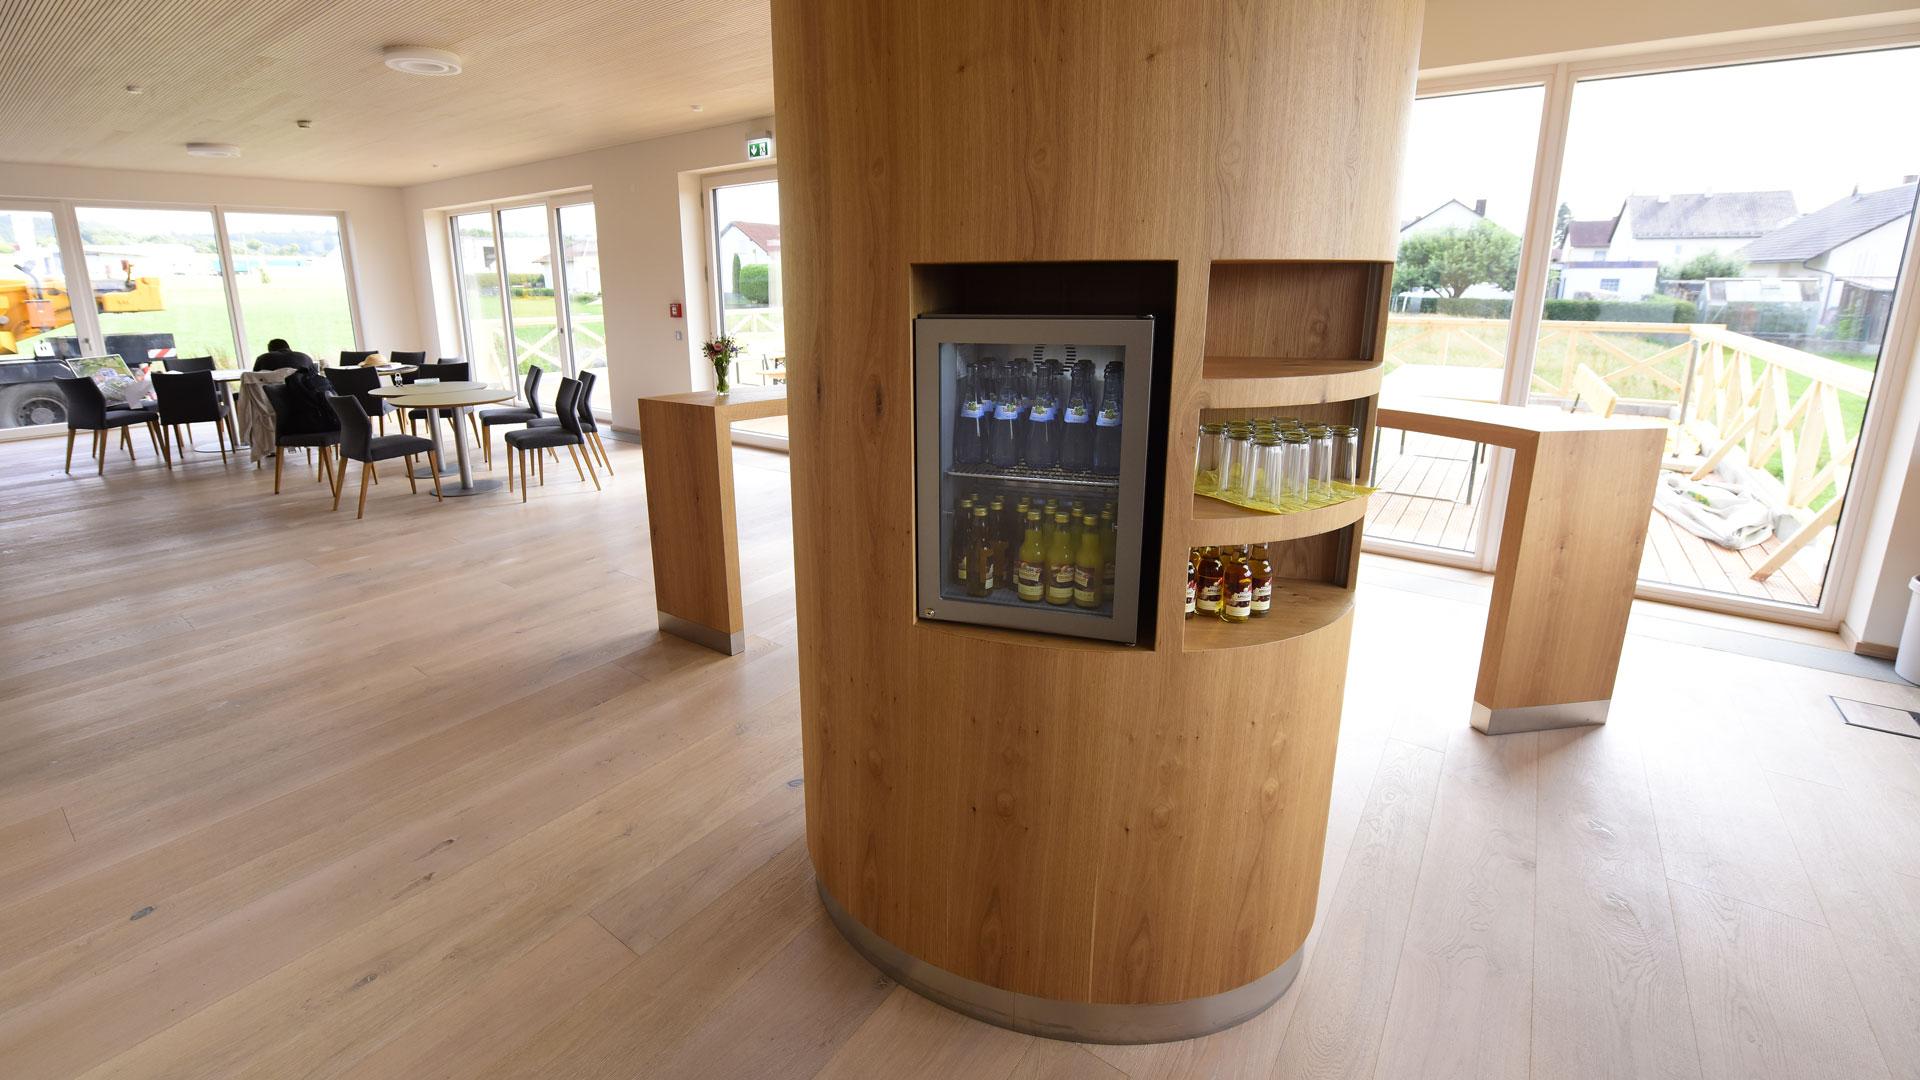 Ruhe- und Essbereich mit Holzsäule mit integriertem Kühlschrank und Regalfächern sowie Sitzgruppen im Hintergrund – harmonische Raumgestaltung durch Innenarchitektin Barbara Jurk von atelier8 in Frankfurt